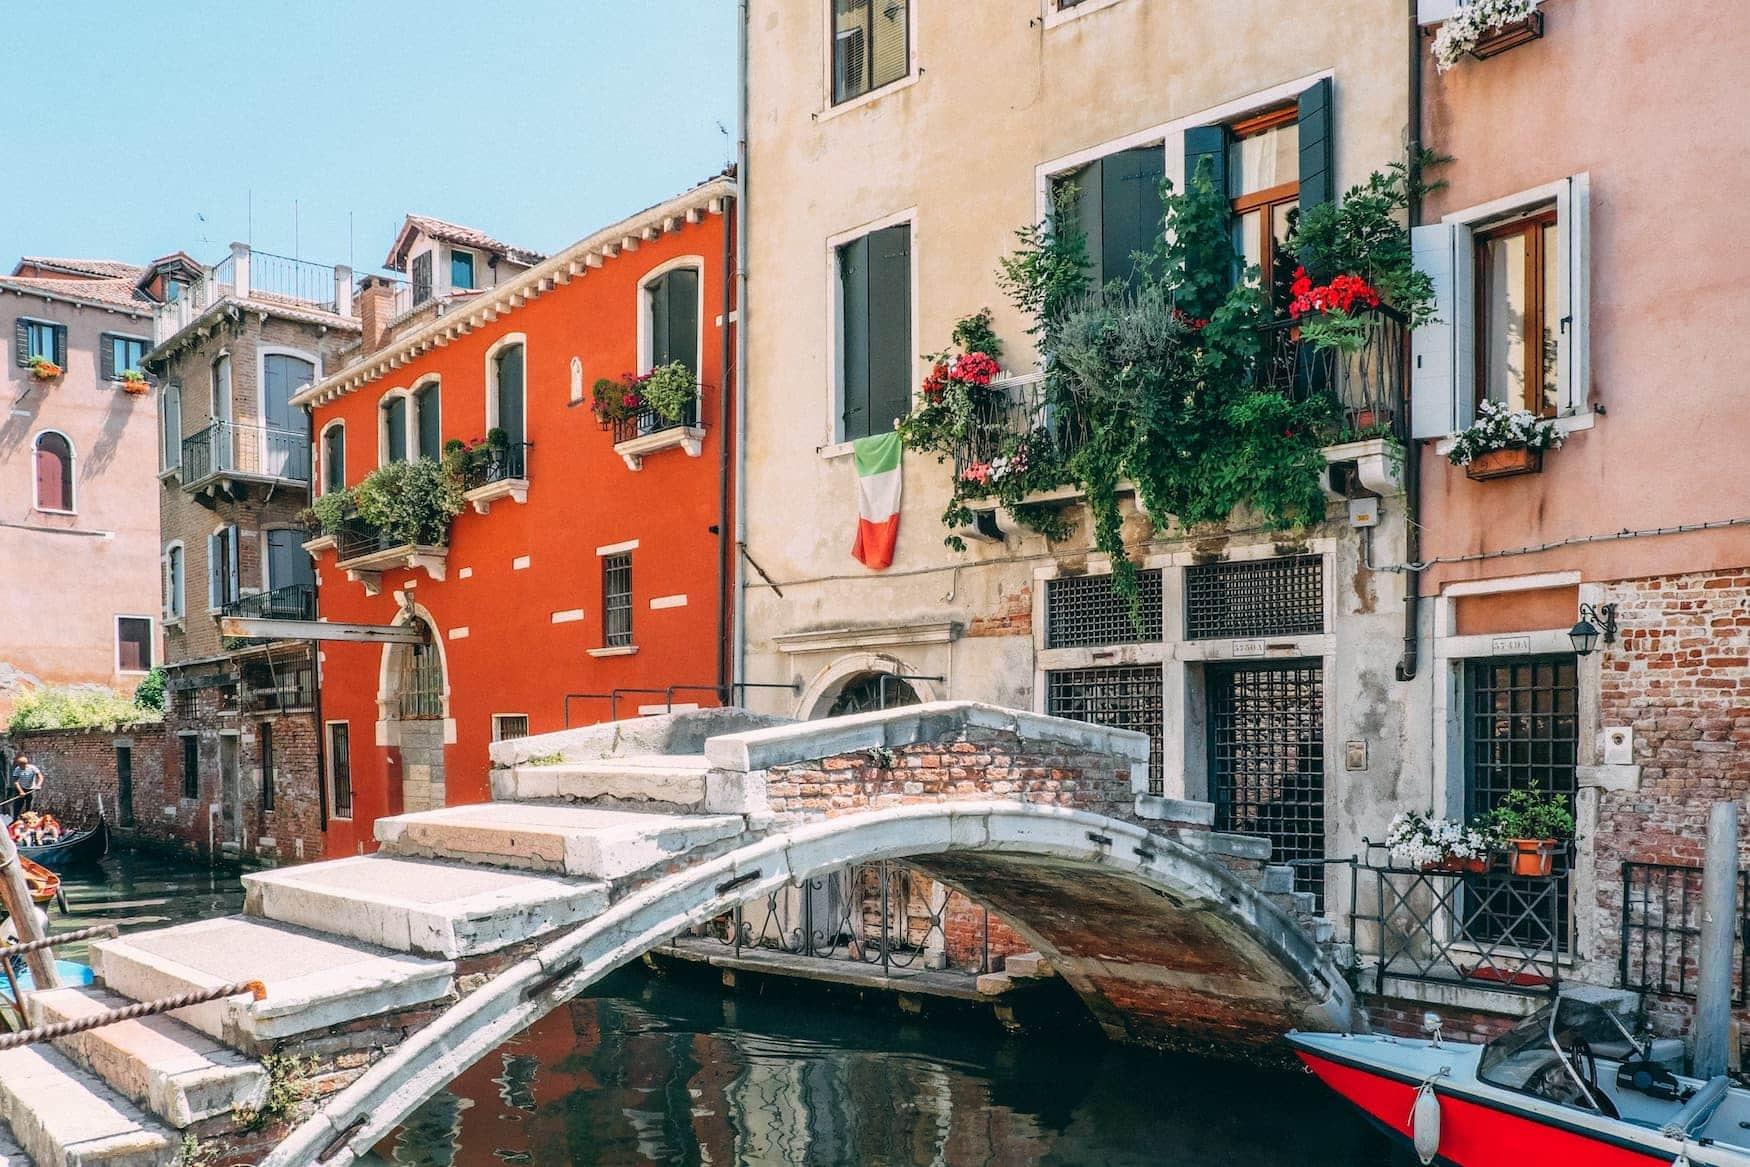 Kleine Brücke in Seitenstraße in Venedig, Italien